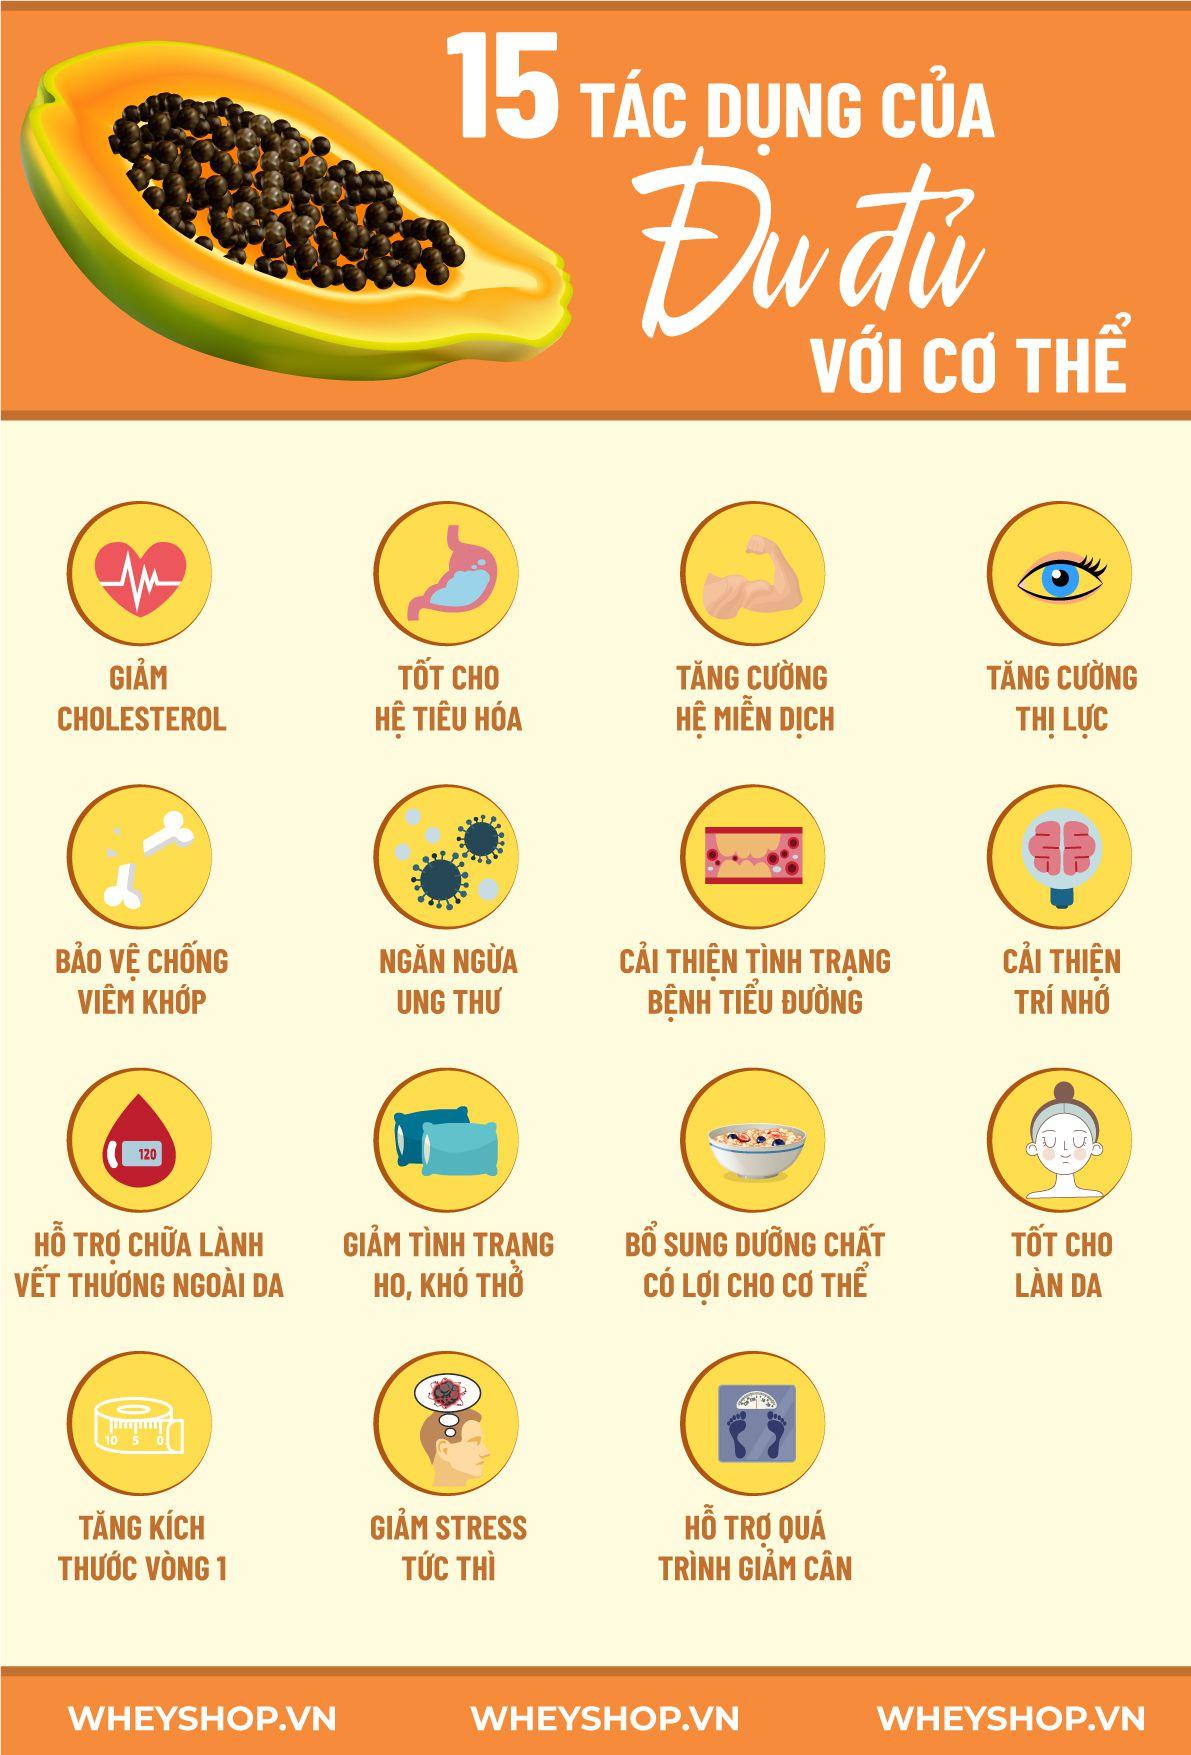 Đu đủ là một loại trái cây quen thuộc, tuy nhiên bạn đã hiểu rõ về lợi ích của đu đủ với sức khỏe chưa? Cùng WheyShop tìm hiểu 15 lợi ích...